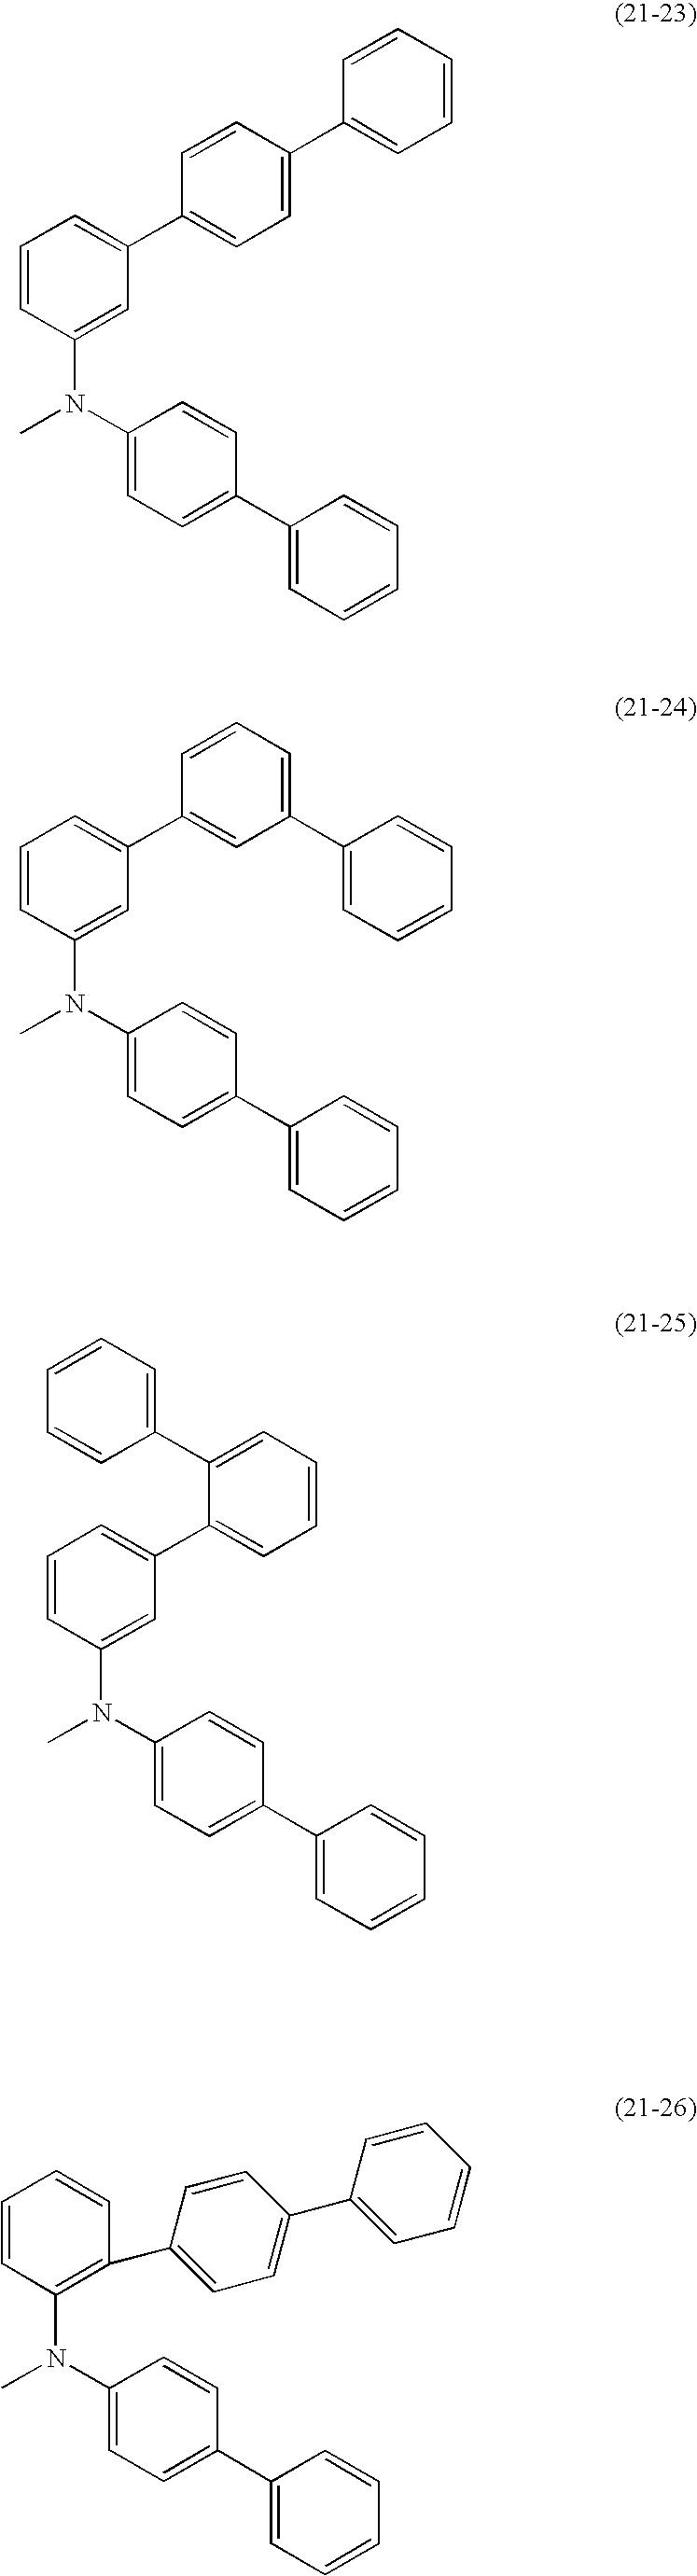 Figure US08178216-20120515-C00022